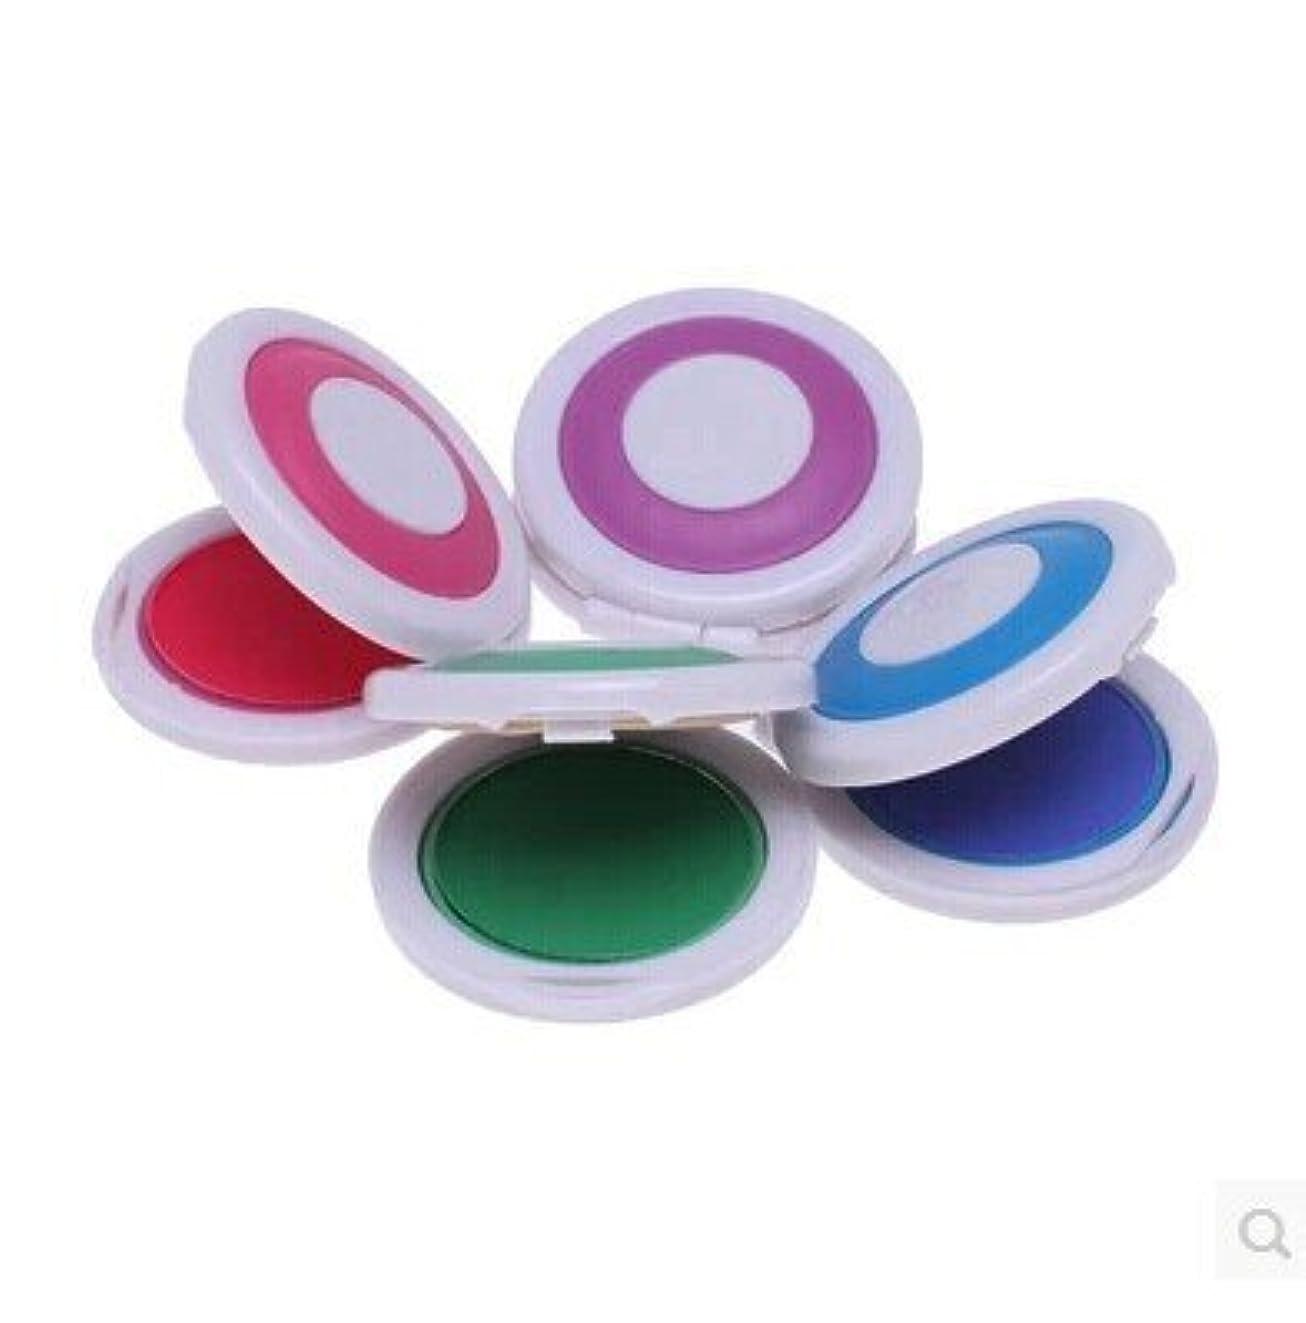 ペネロペ経験知性MakeupAcc ヘアカラーチョーク ヘアカラーファンデーション ヘアカラーパウダー パーフェクトパウダー 4色 ピンク 紫 緑 ブルー (105g)